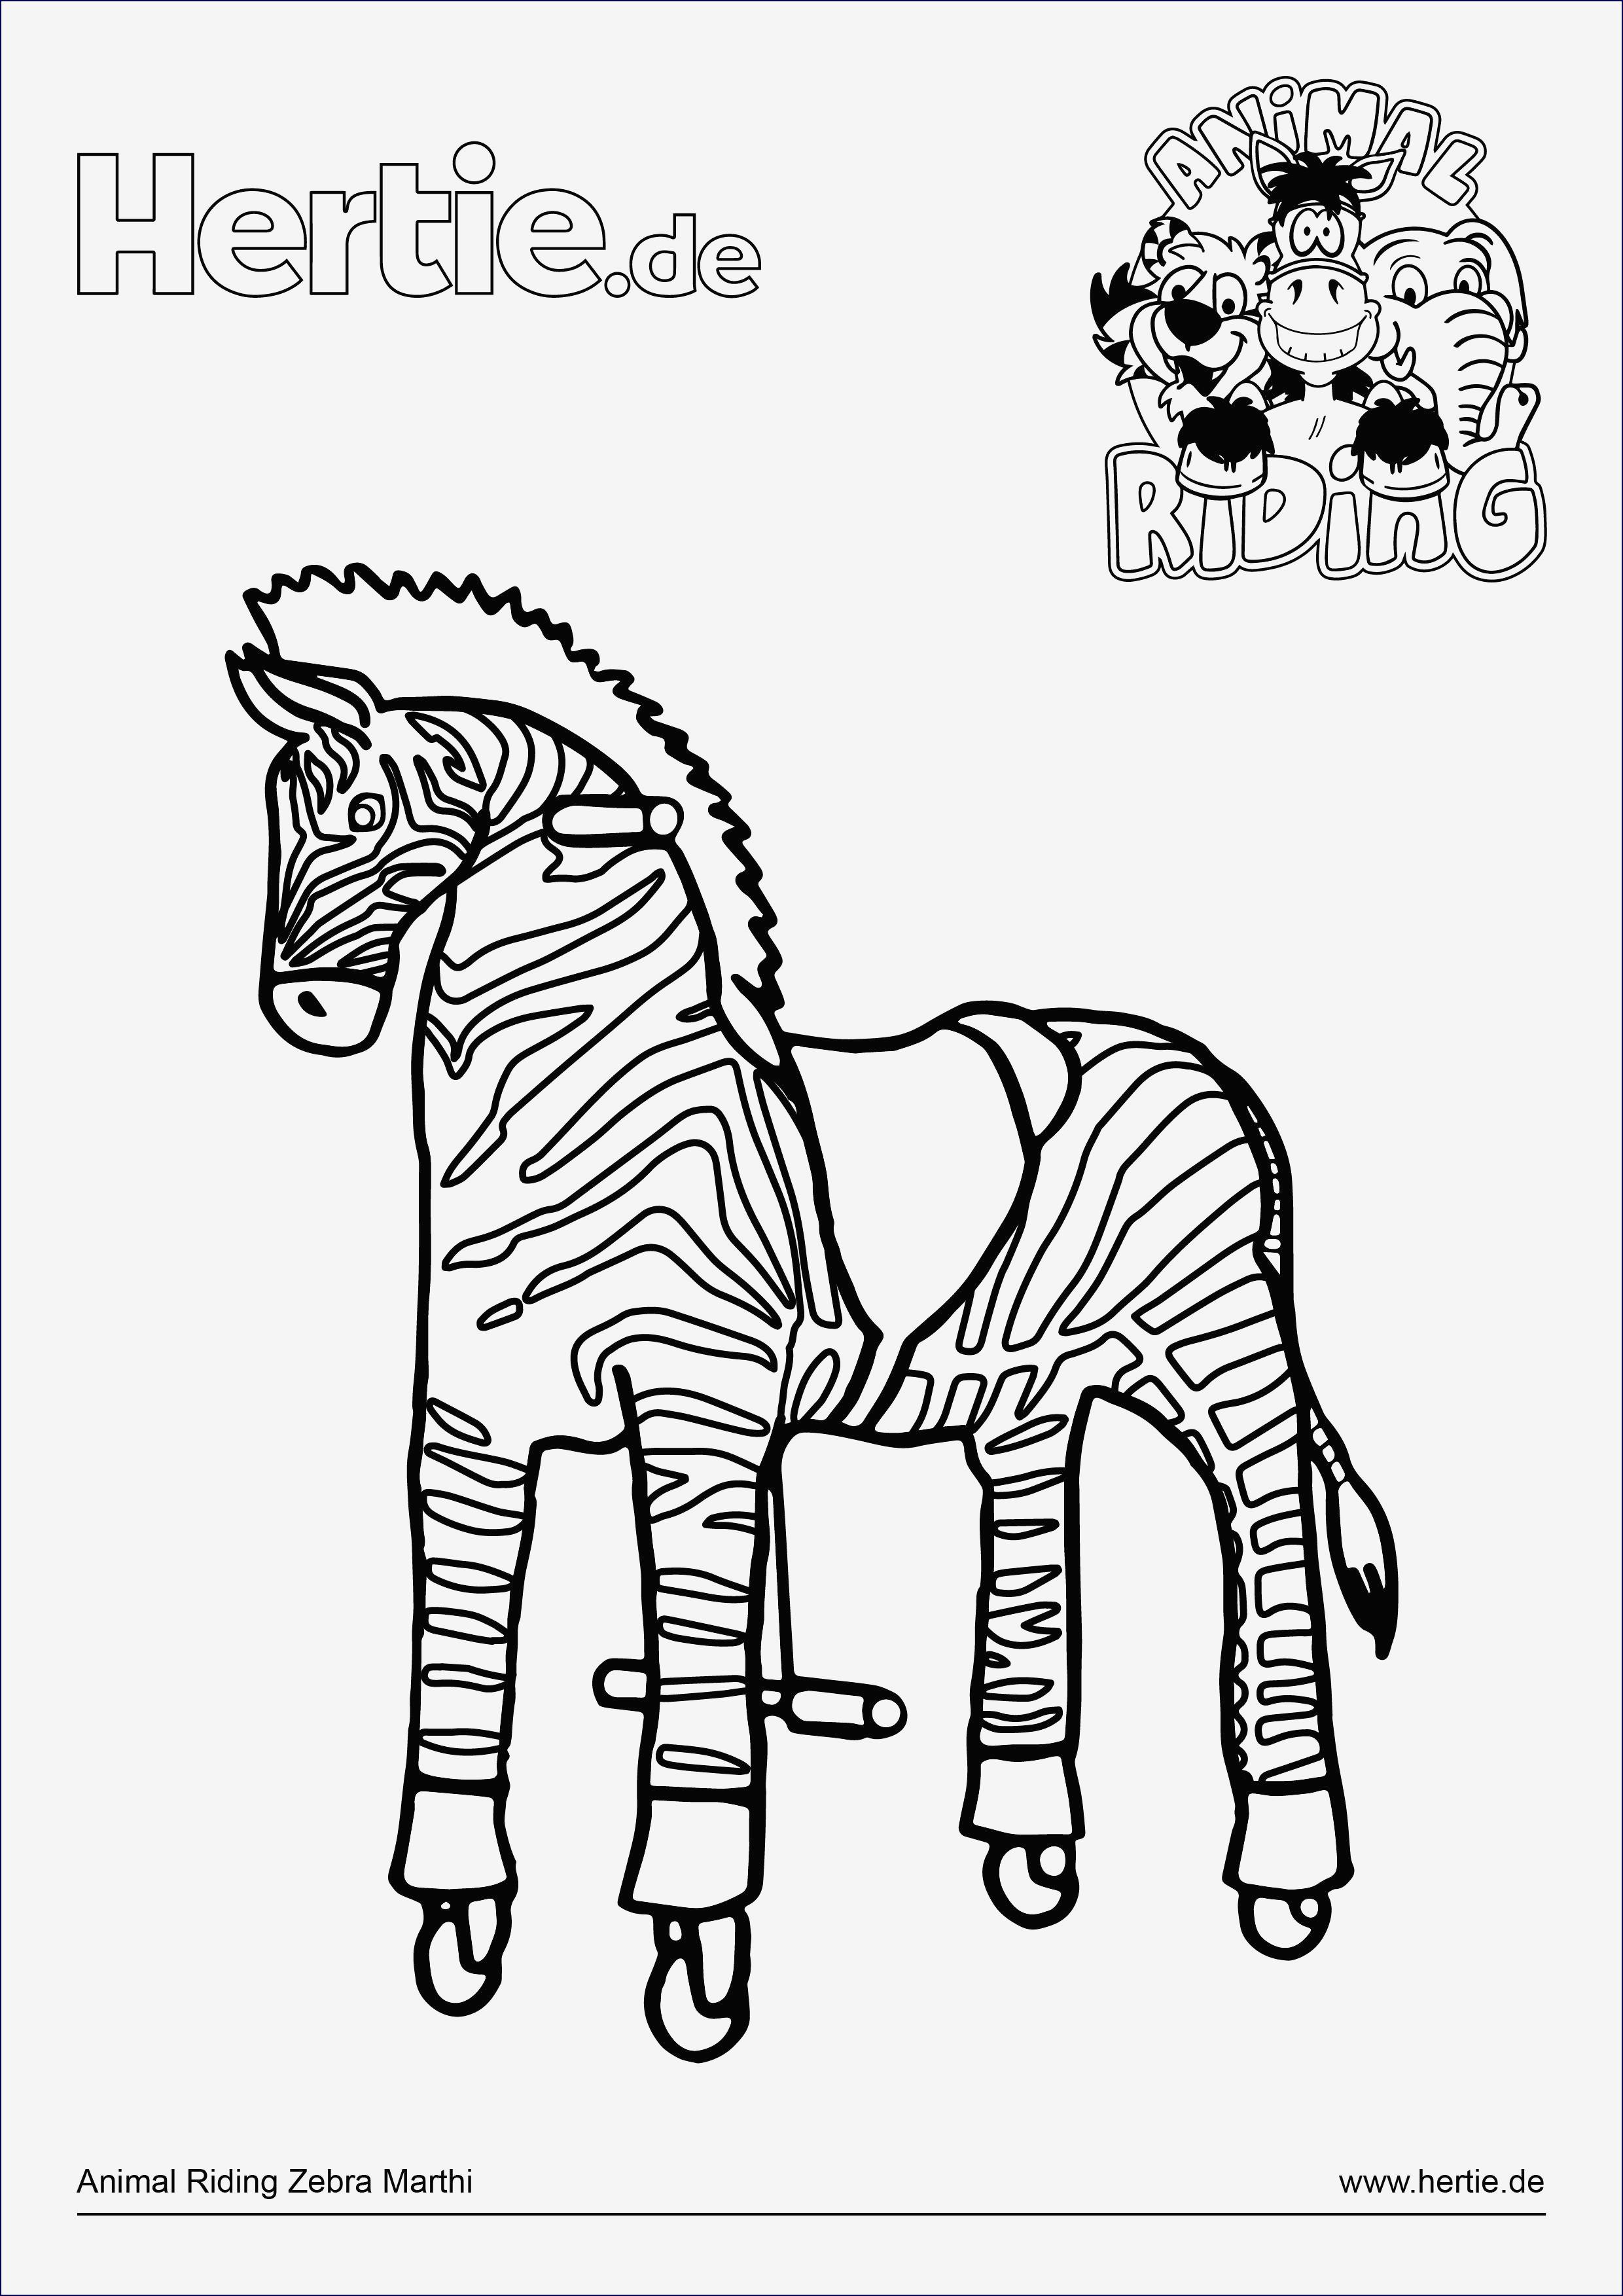 Soy Luna Bilder Zum Ausmalen Genial Lernspiele Färbung Bilder Ausmalbilder Pferde Mit Reiter Stock